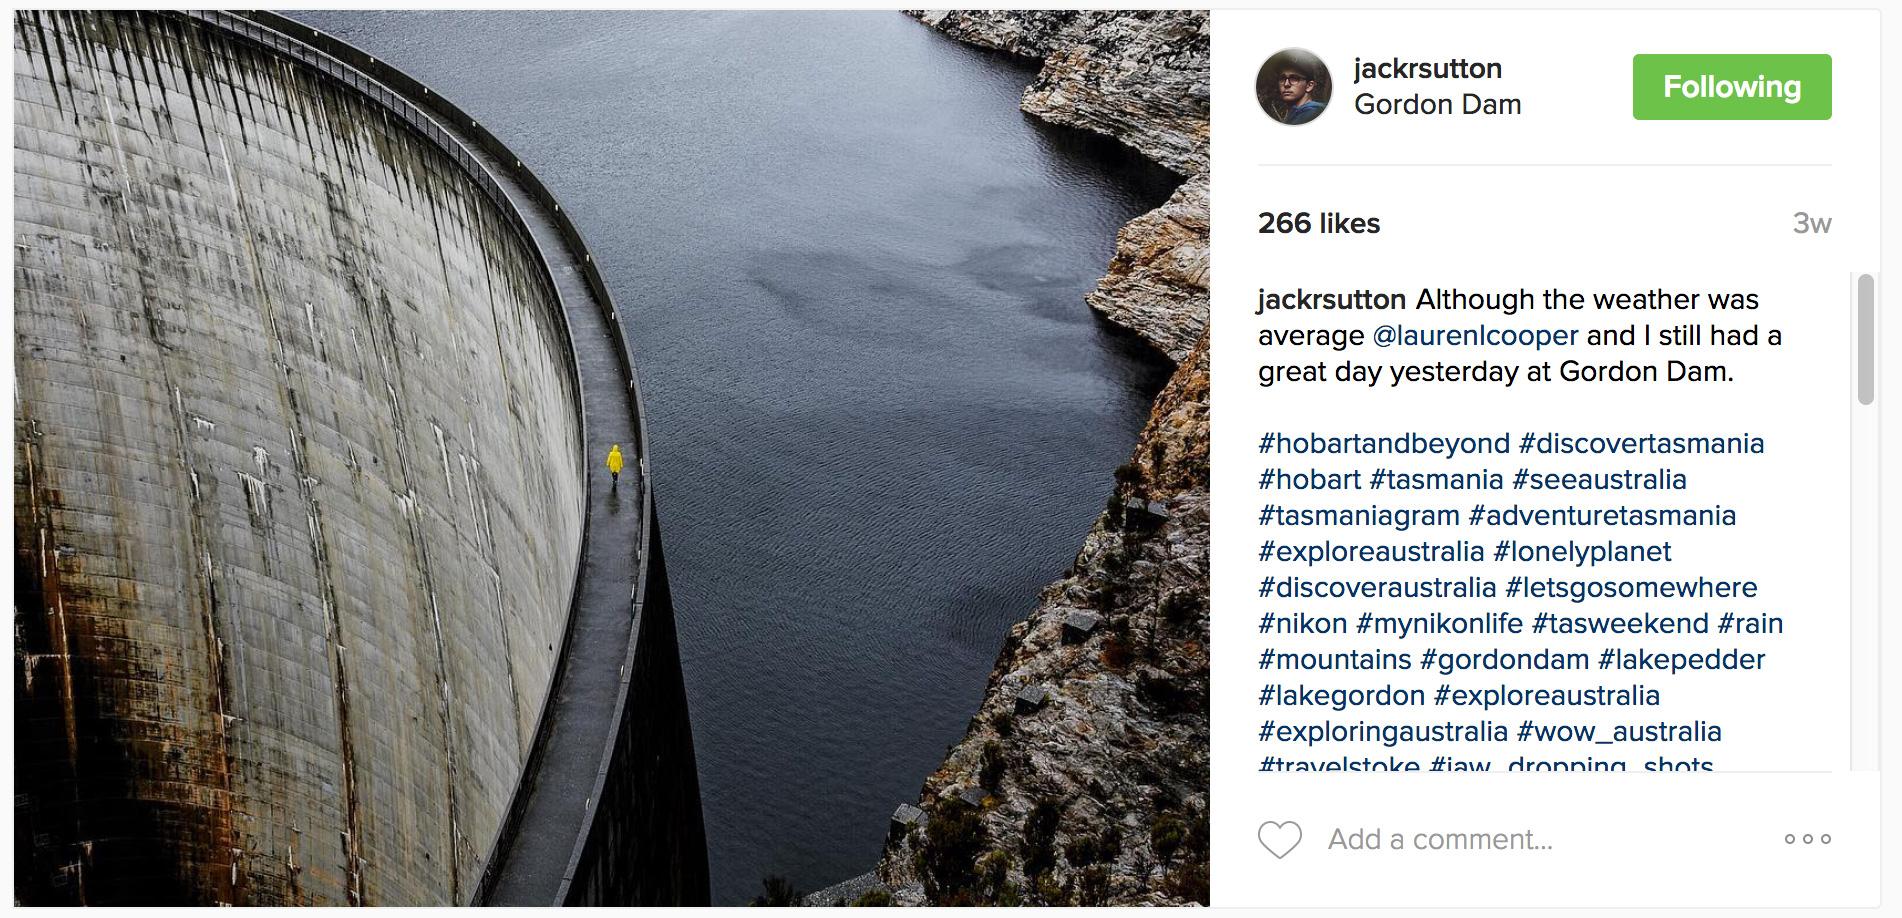 Shot by @jackrsutton overlooking the Gordon Dam